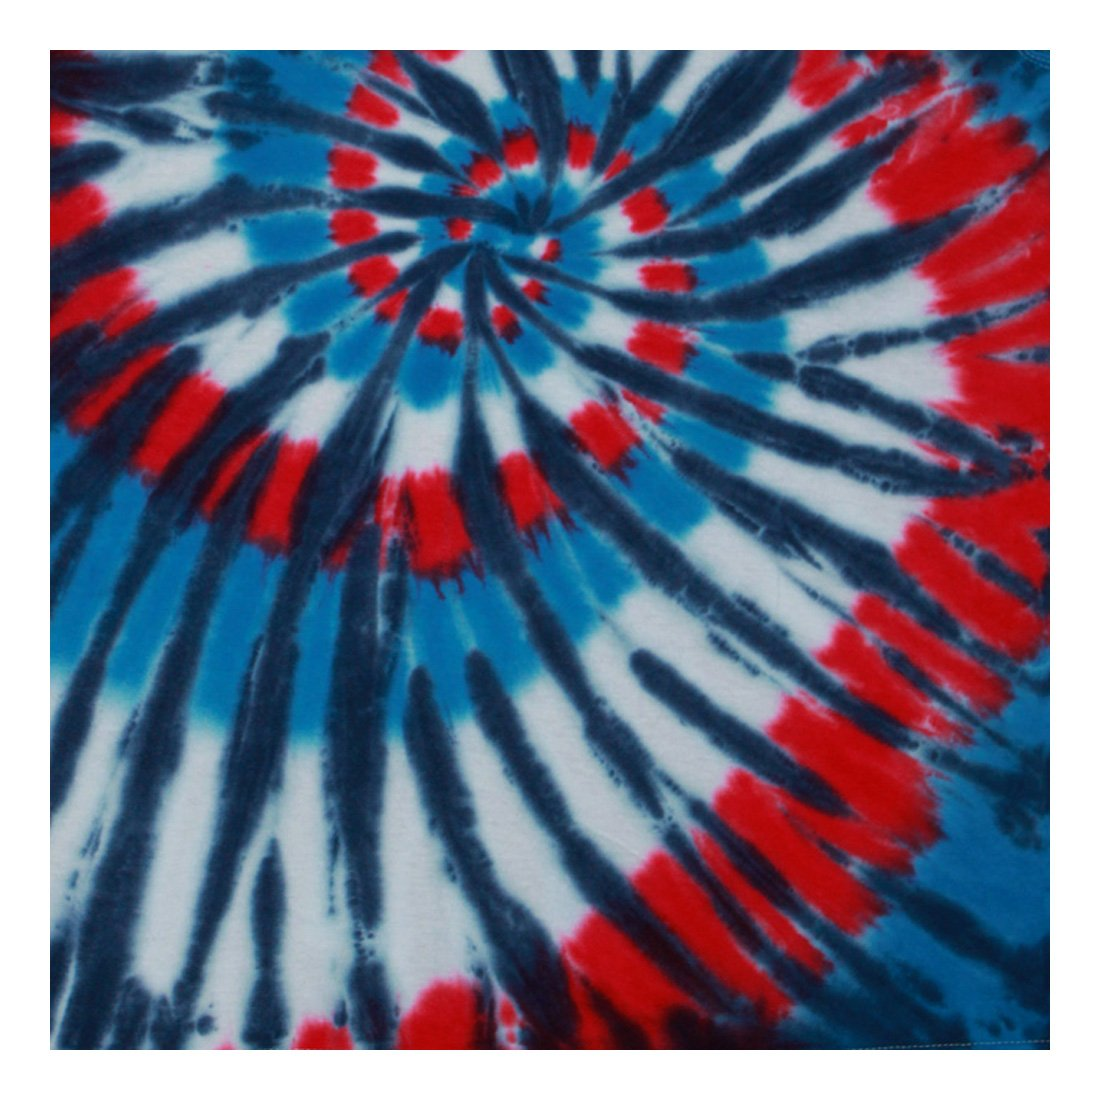 Super Amazon.com: Tie Dyed Shop Tie Dye Bandana for Men Women - 12 Color  ZG85